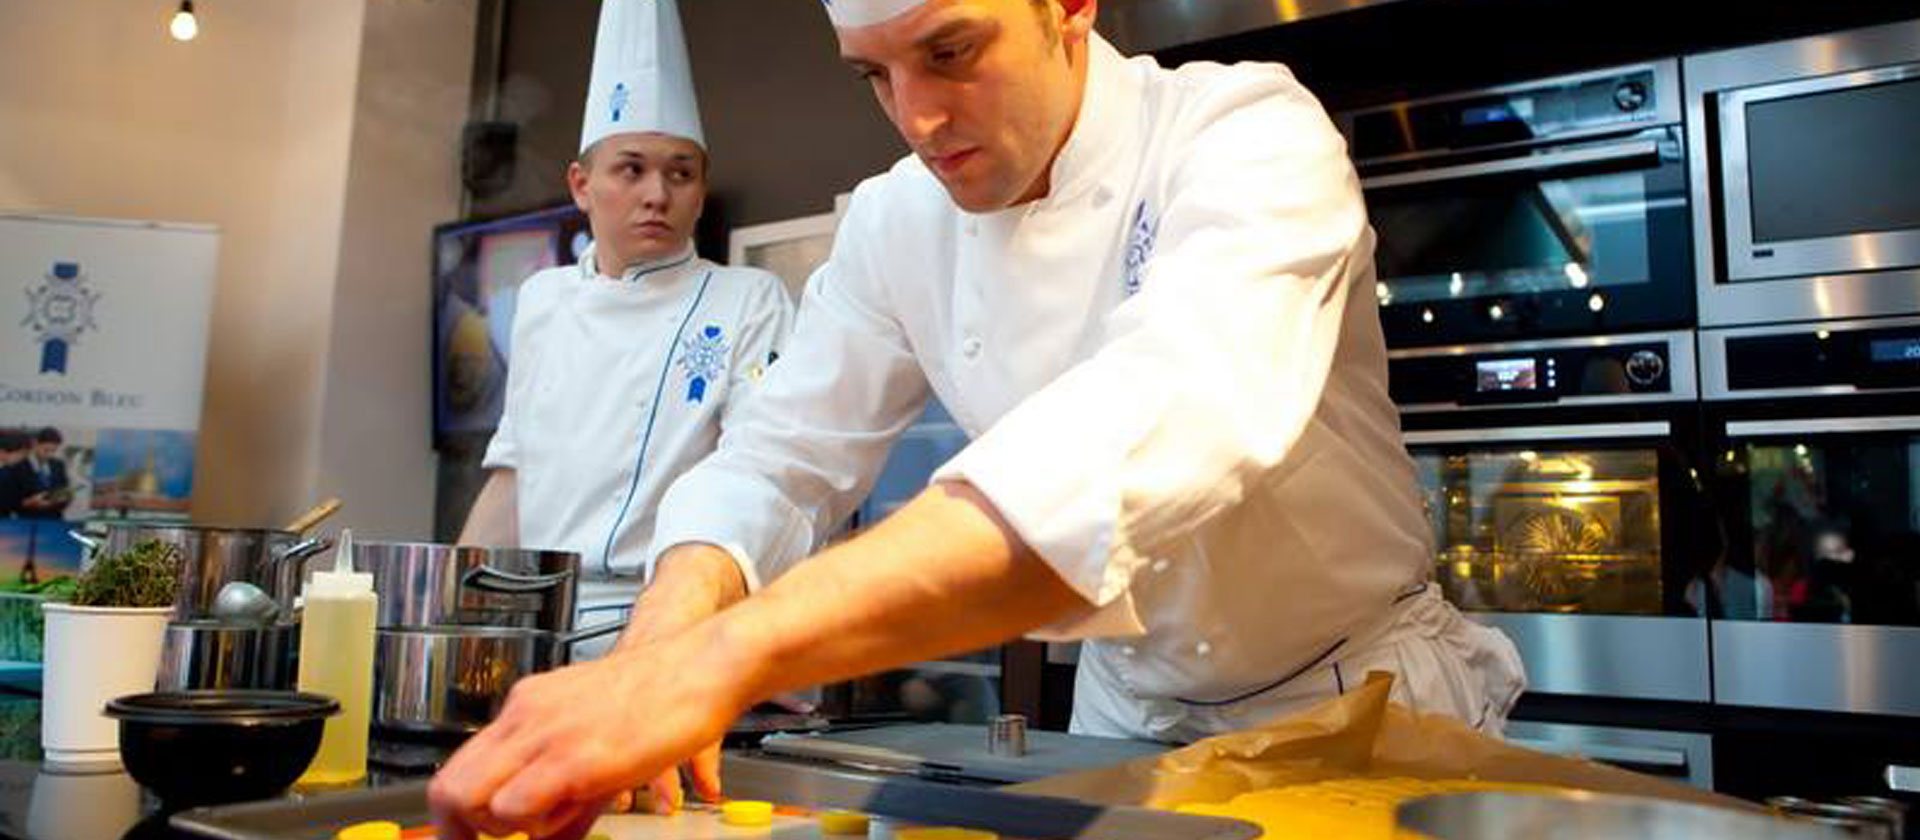 Cuisine Chef david duverger - le cordon bleu london